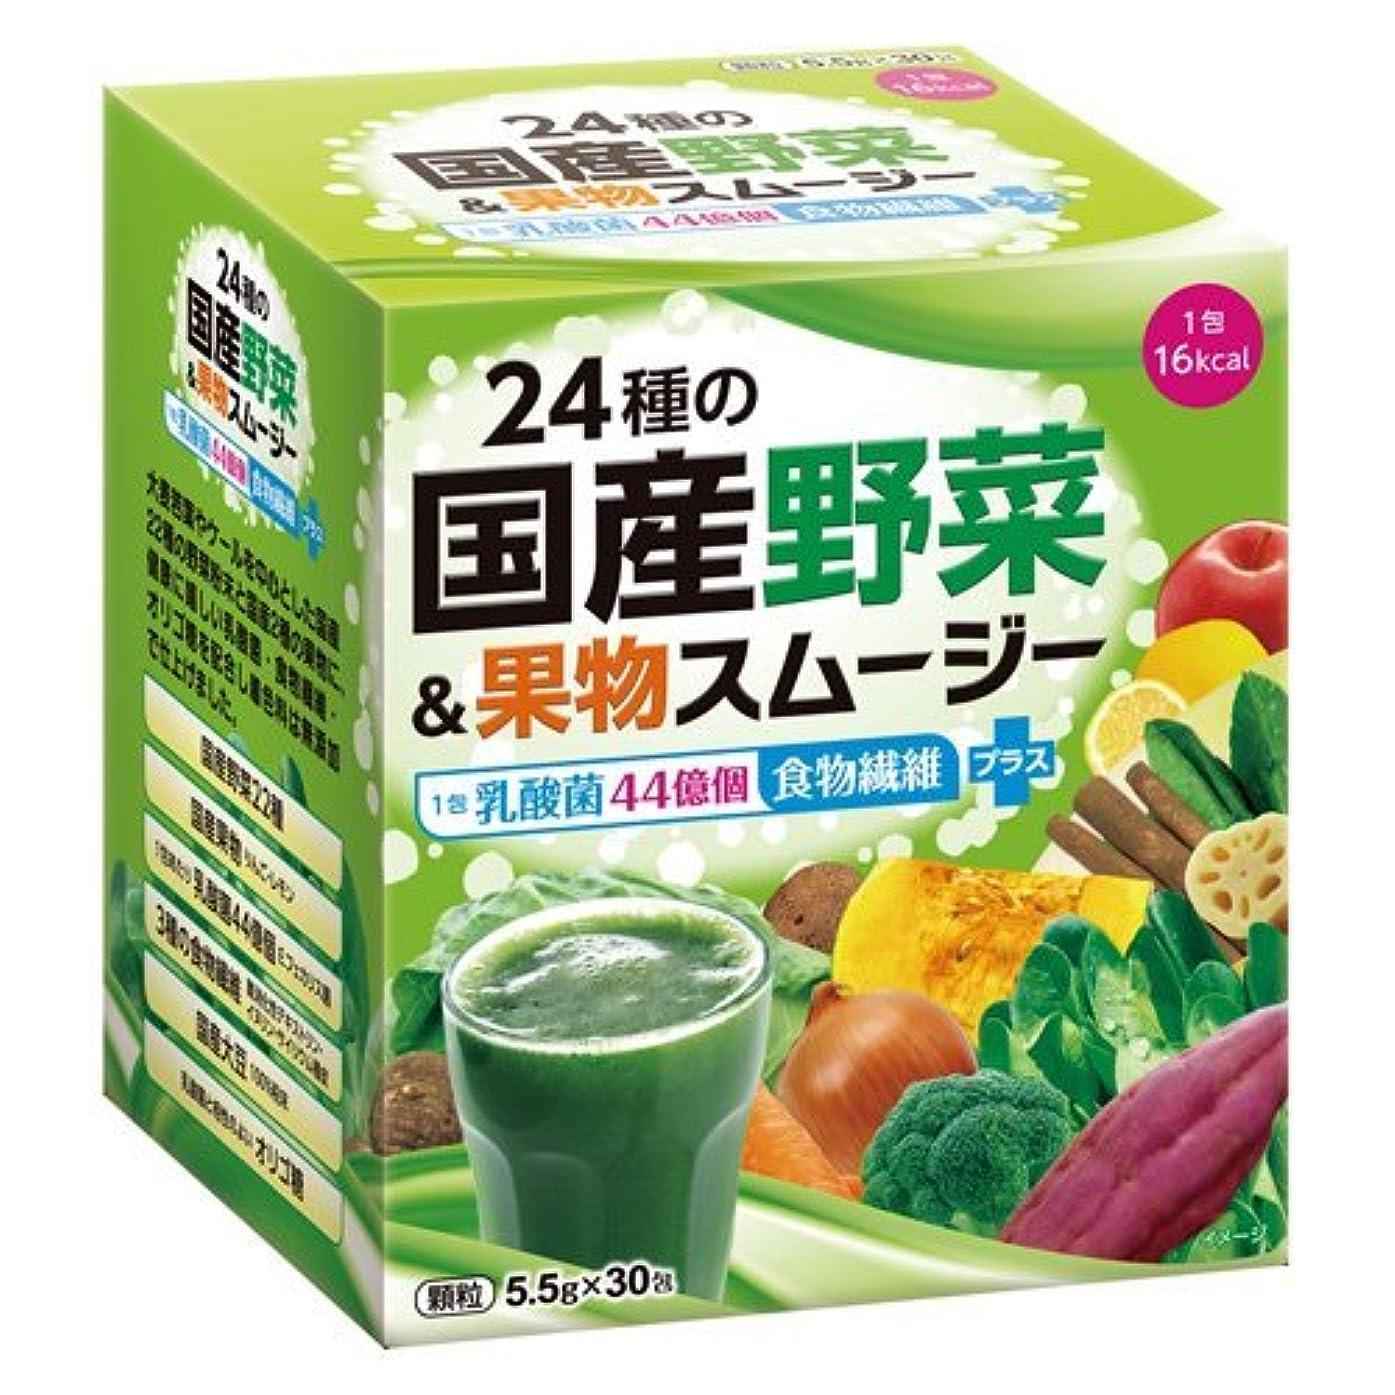 接ぎ木電気私たちの24種の国産野菜&果物スムージー 165g(5.5g×30包)